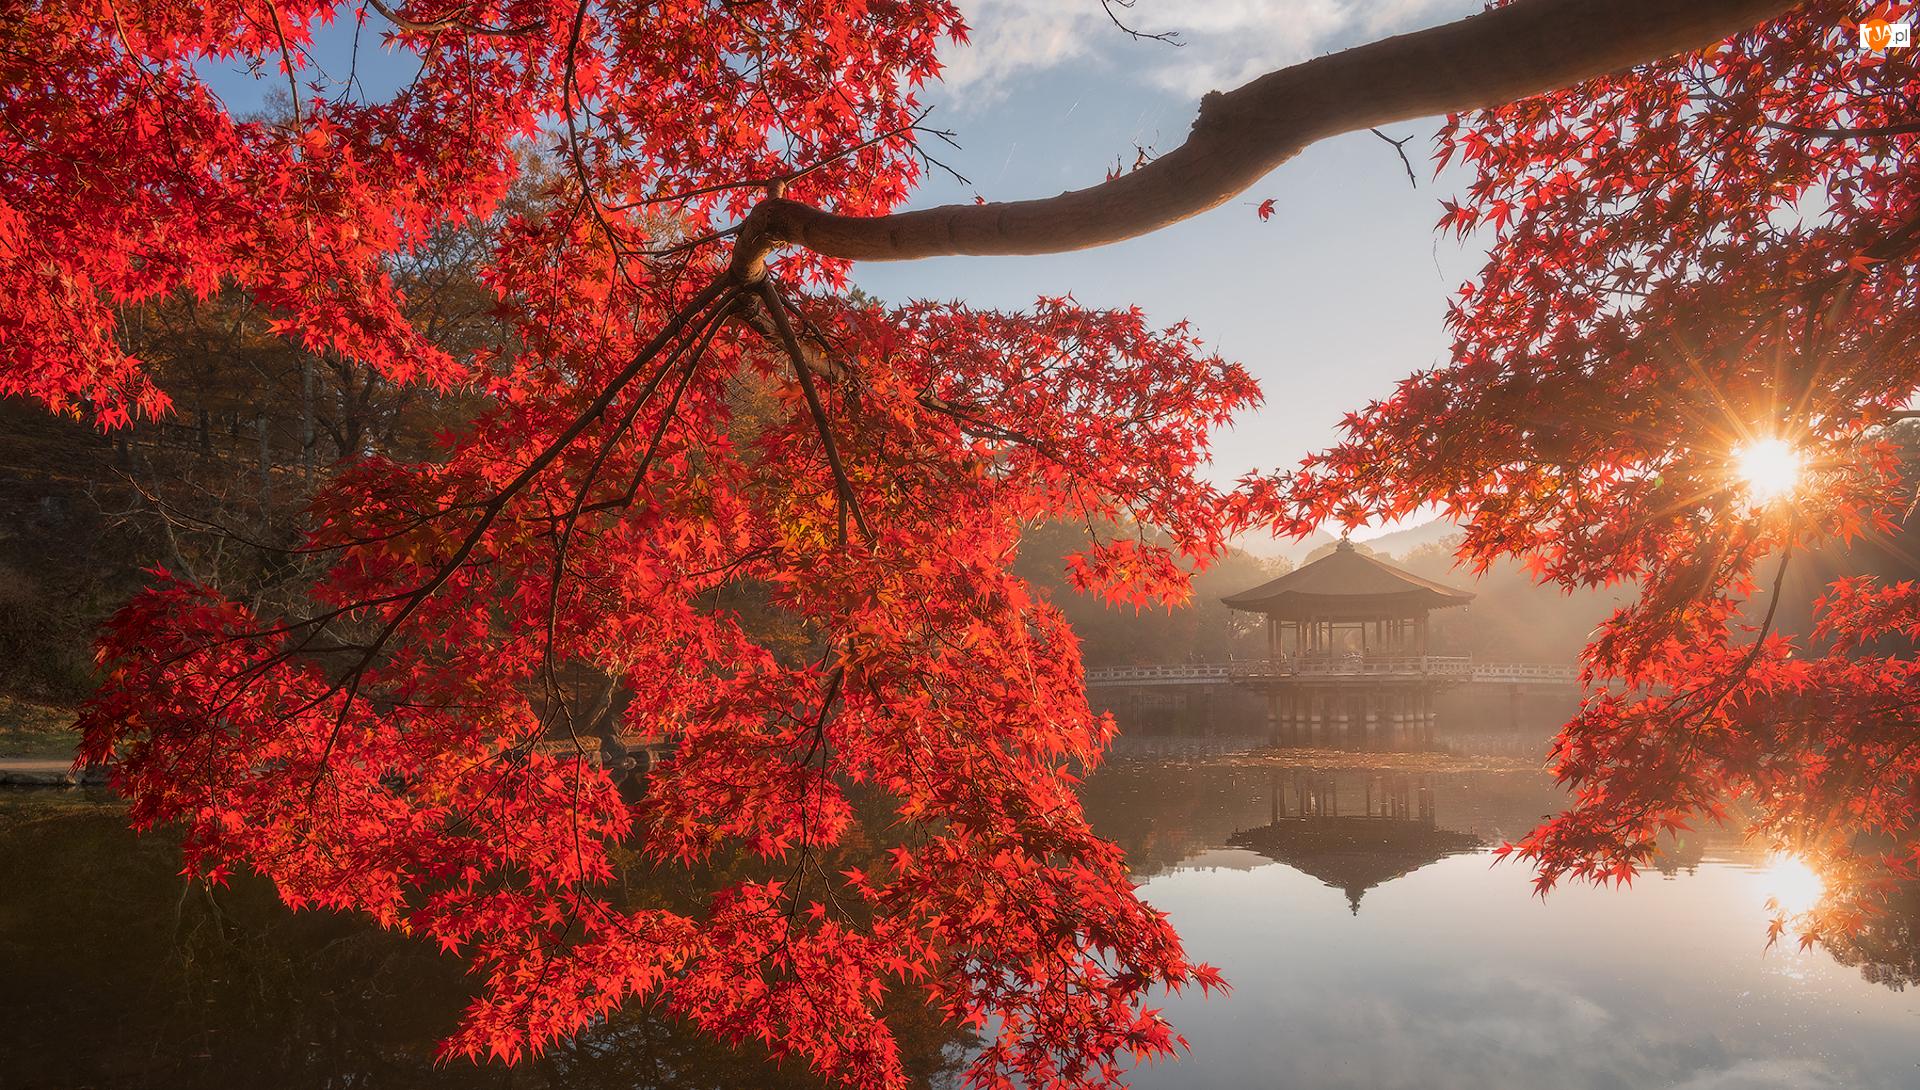 Pawilon Ukimido, Jesień, Promienie słońca, Altana, Nara, Czerwone, Staw, Sagiike, Nara Park, Liście, Japonia, Gałęzie, Drzewo